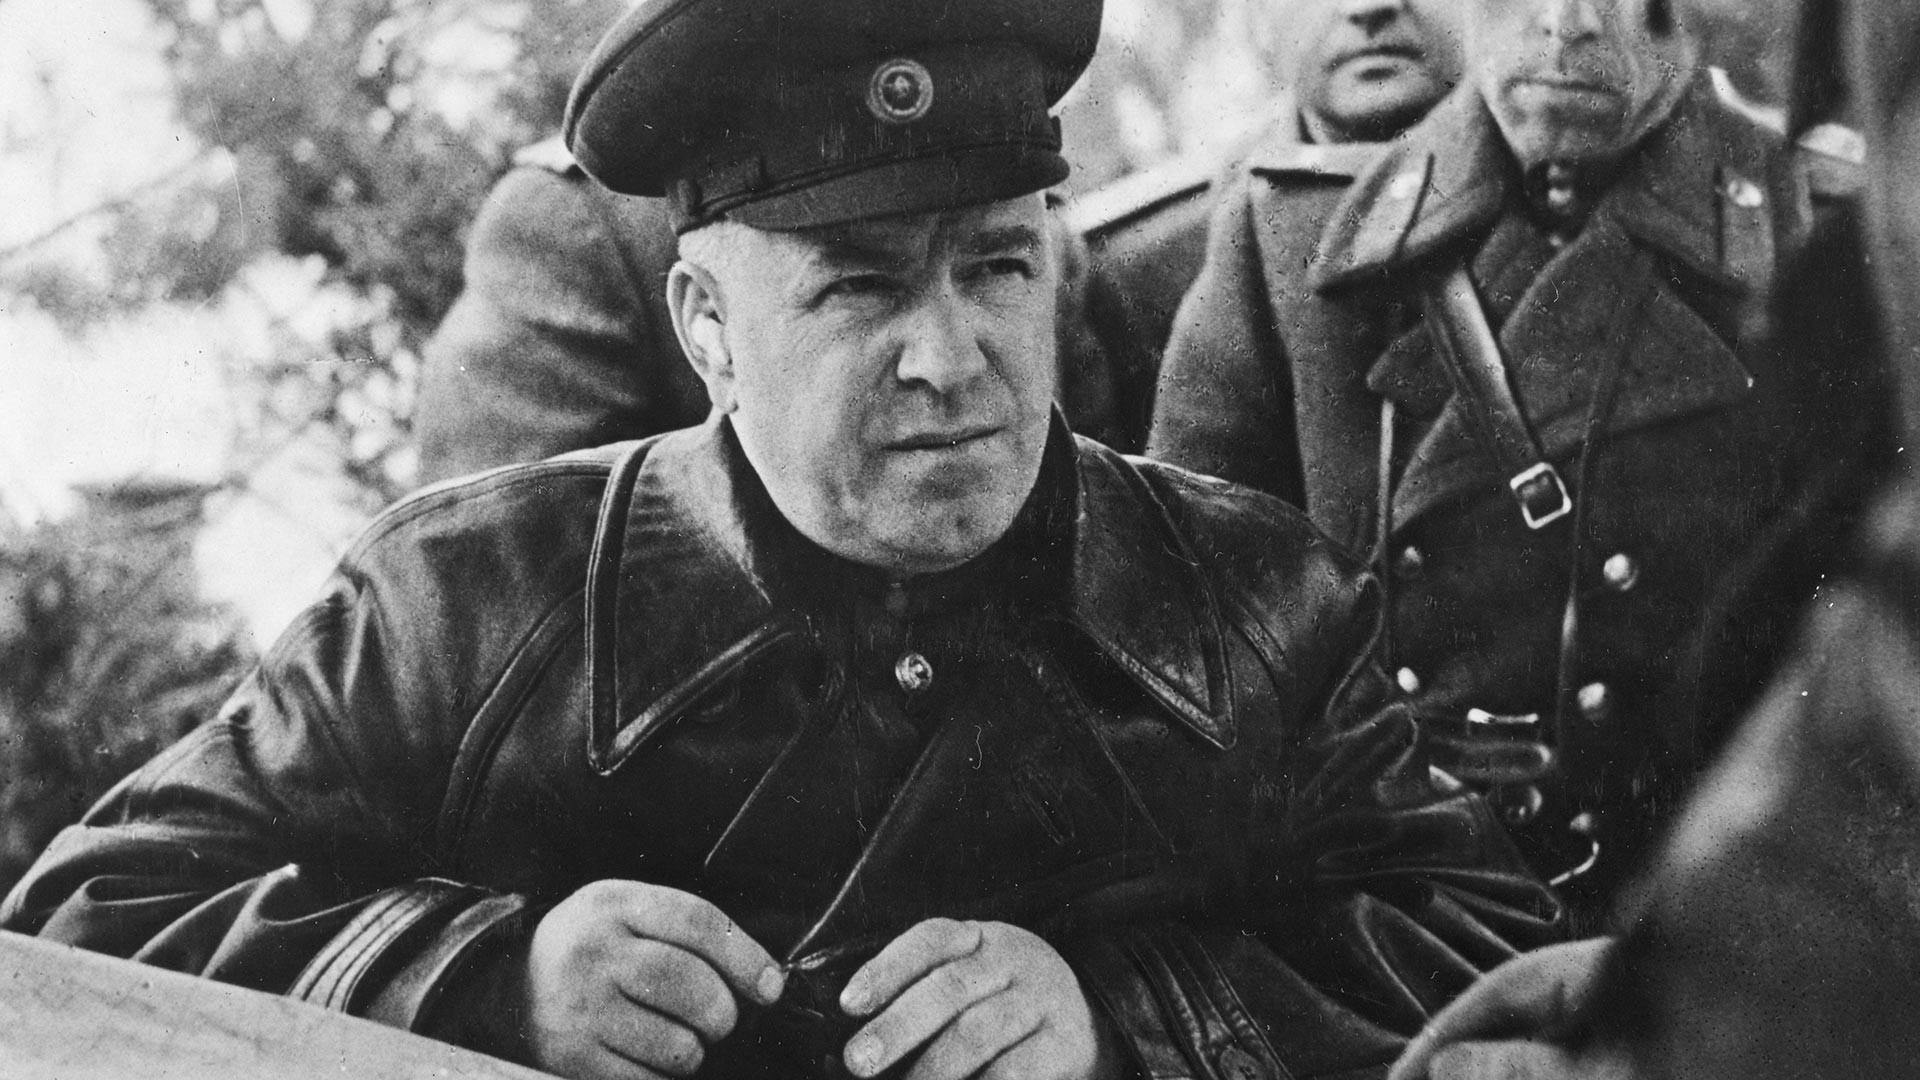 Маршал Георгиј Константинович Жуков (1896-1974), командант совјетских снага првог Белоруског фронта, на свом теренском командном месту, Русија, почетак 20. века.